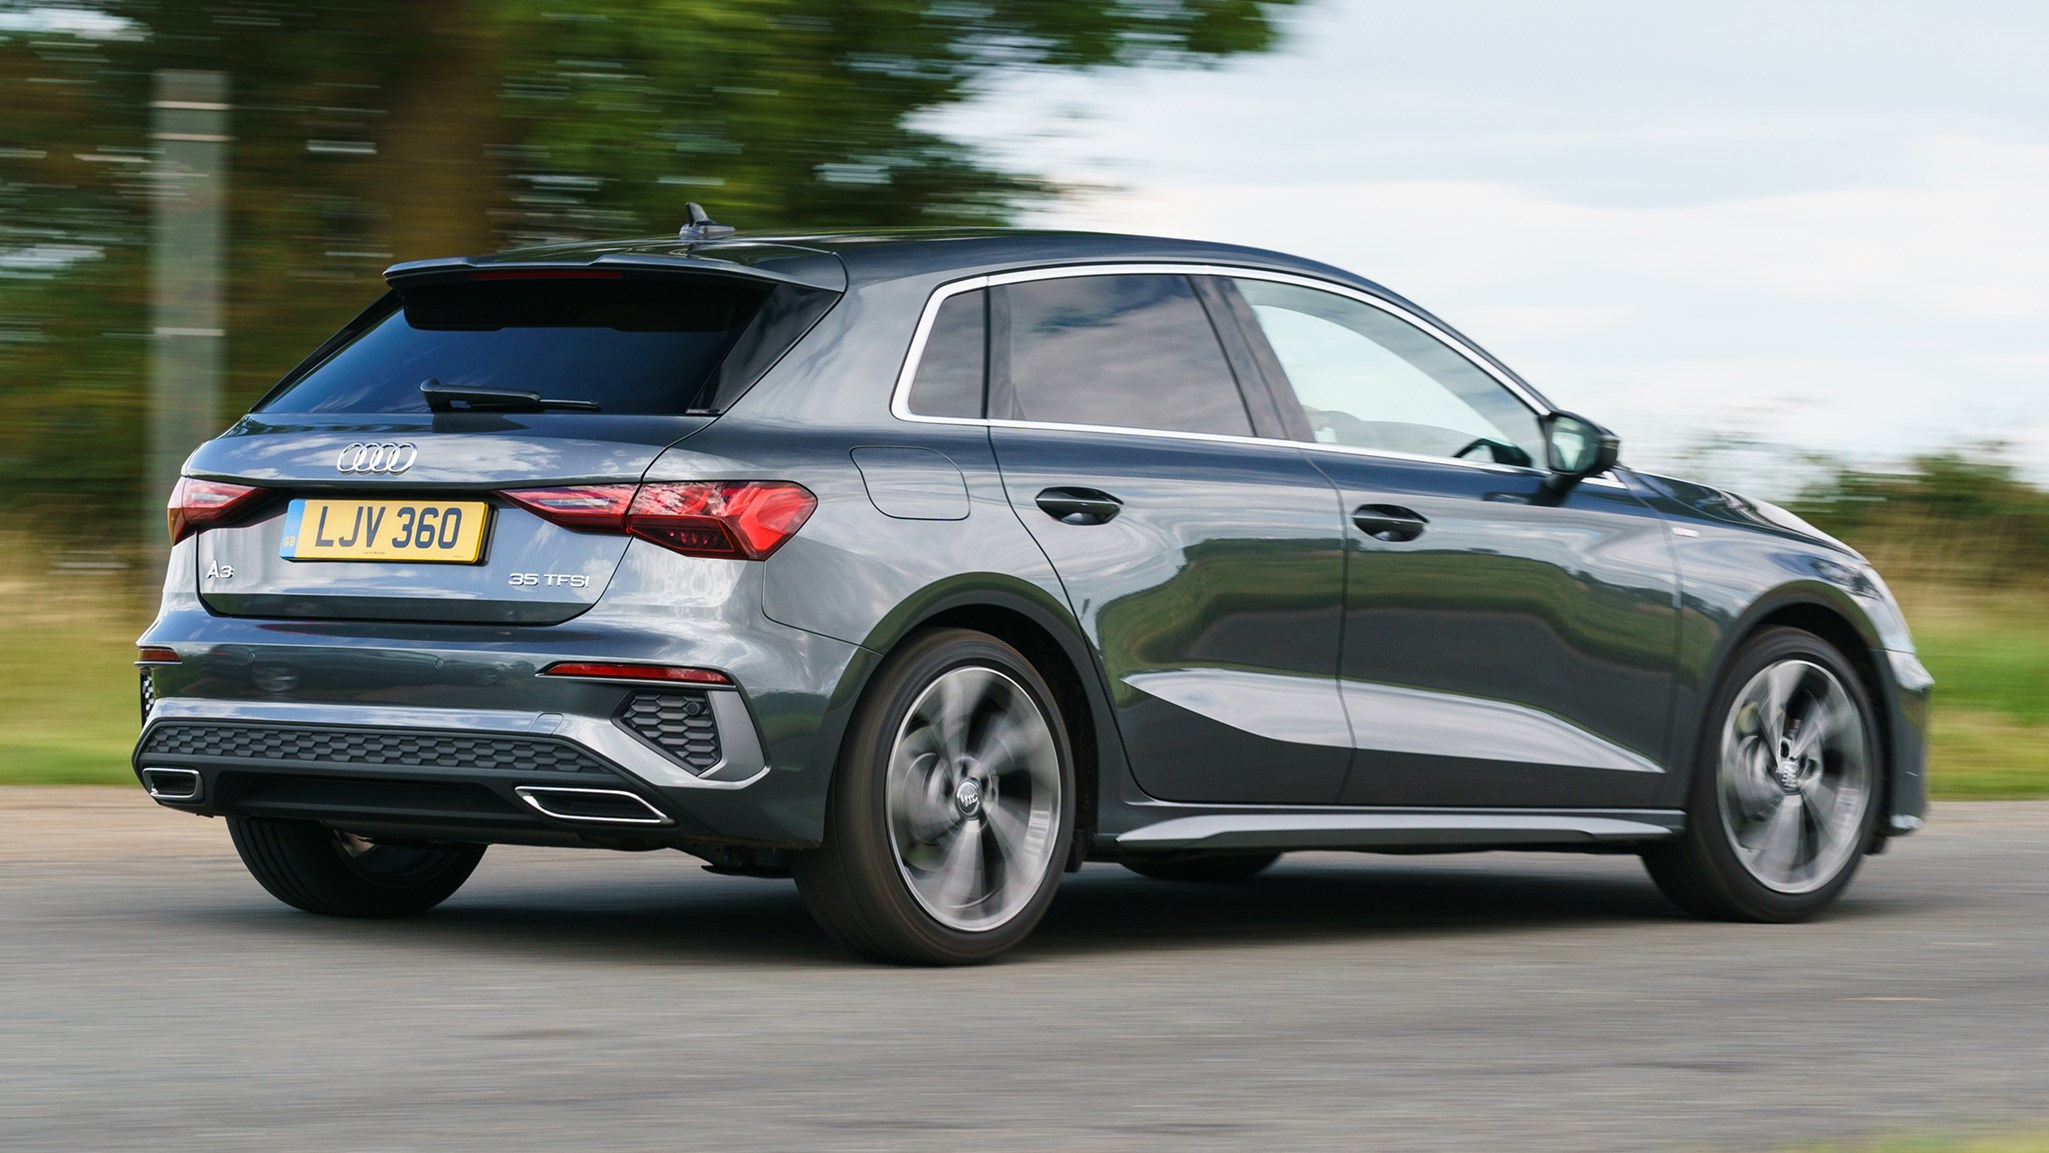 Audi A3 Sportback (2020) rear view, cornering